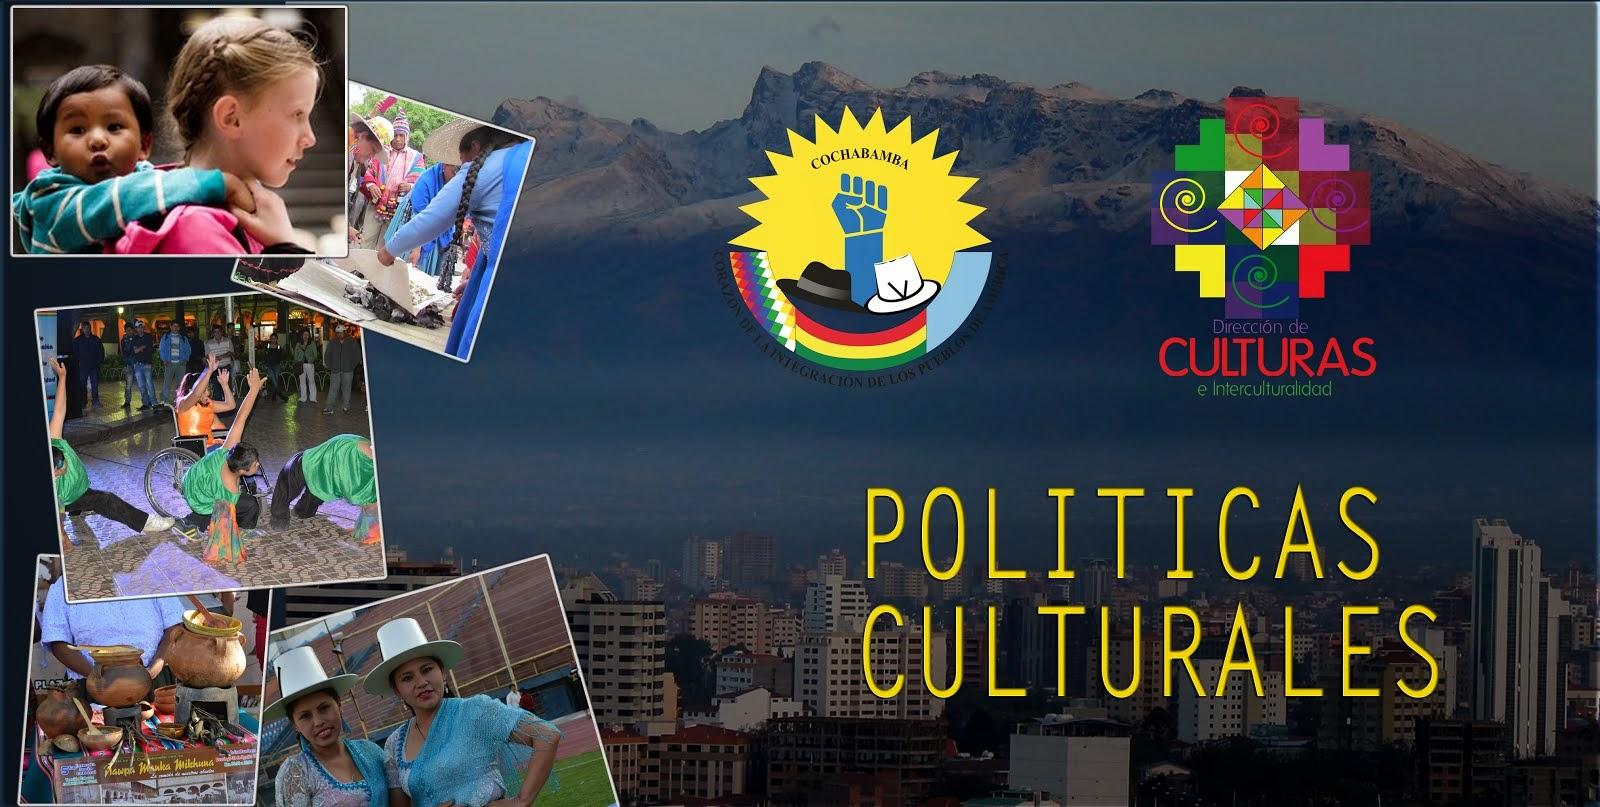 Politicas Culturales de Cochabamba